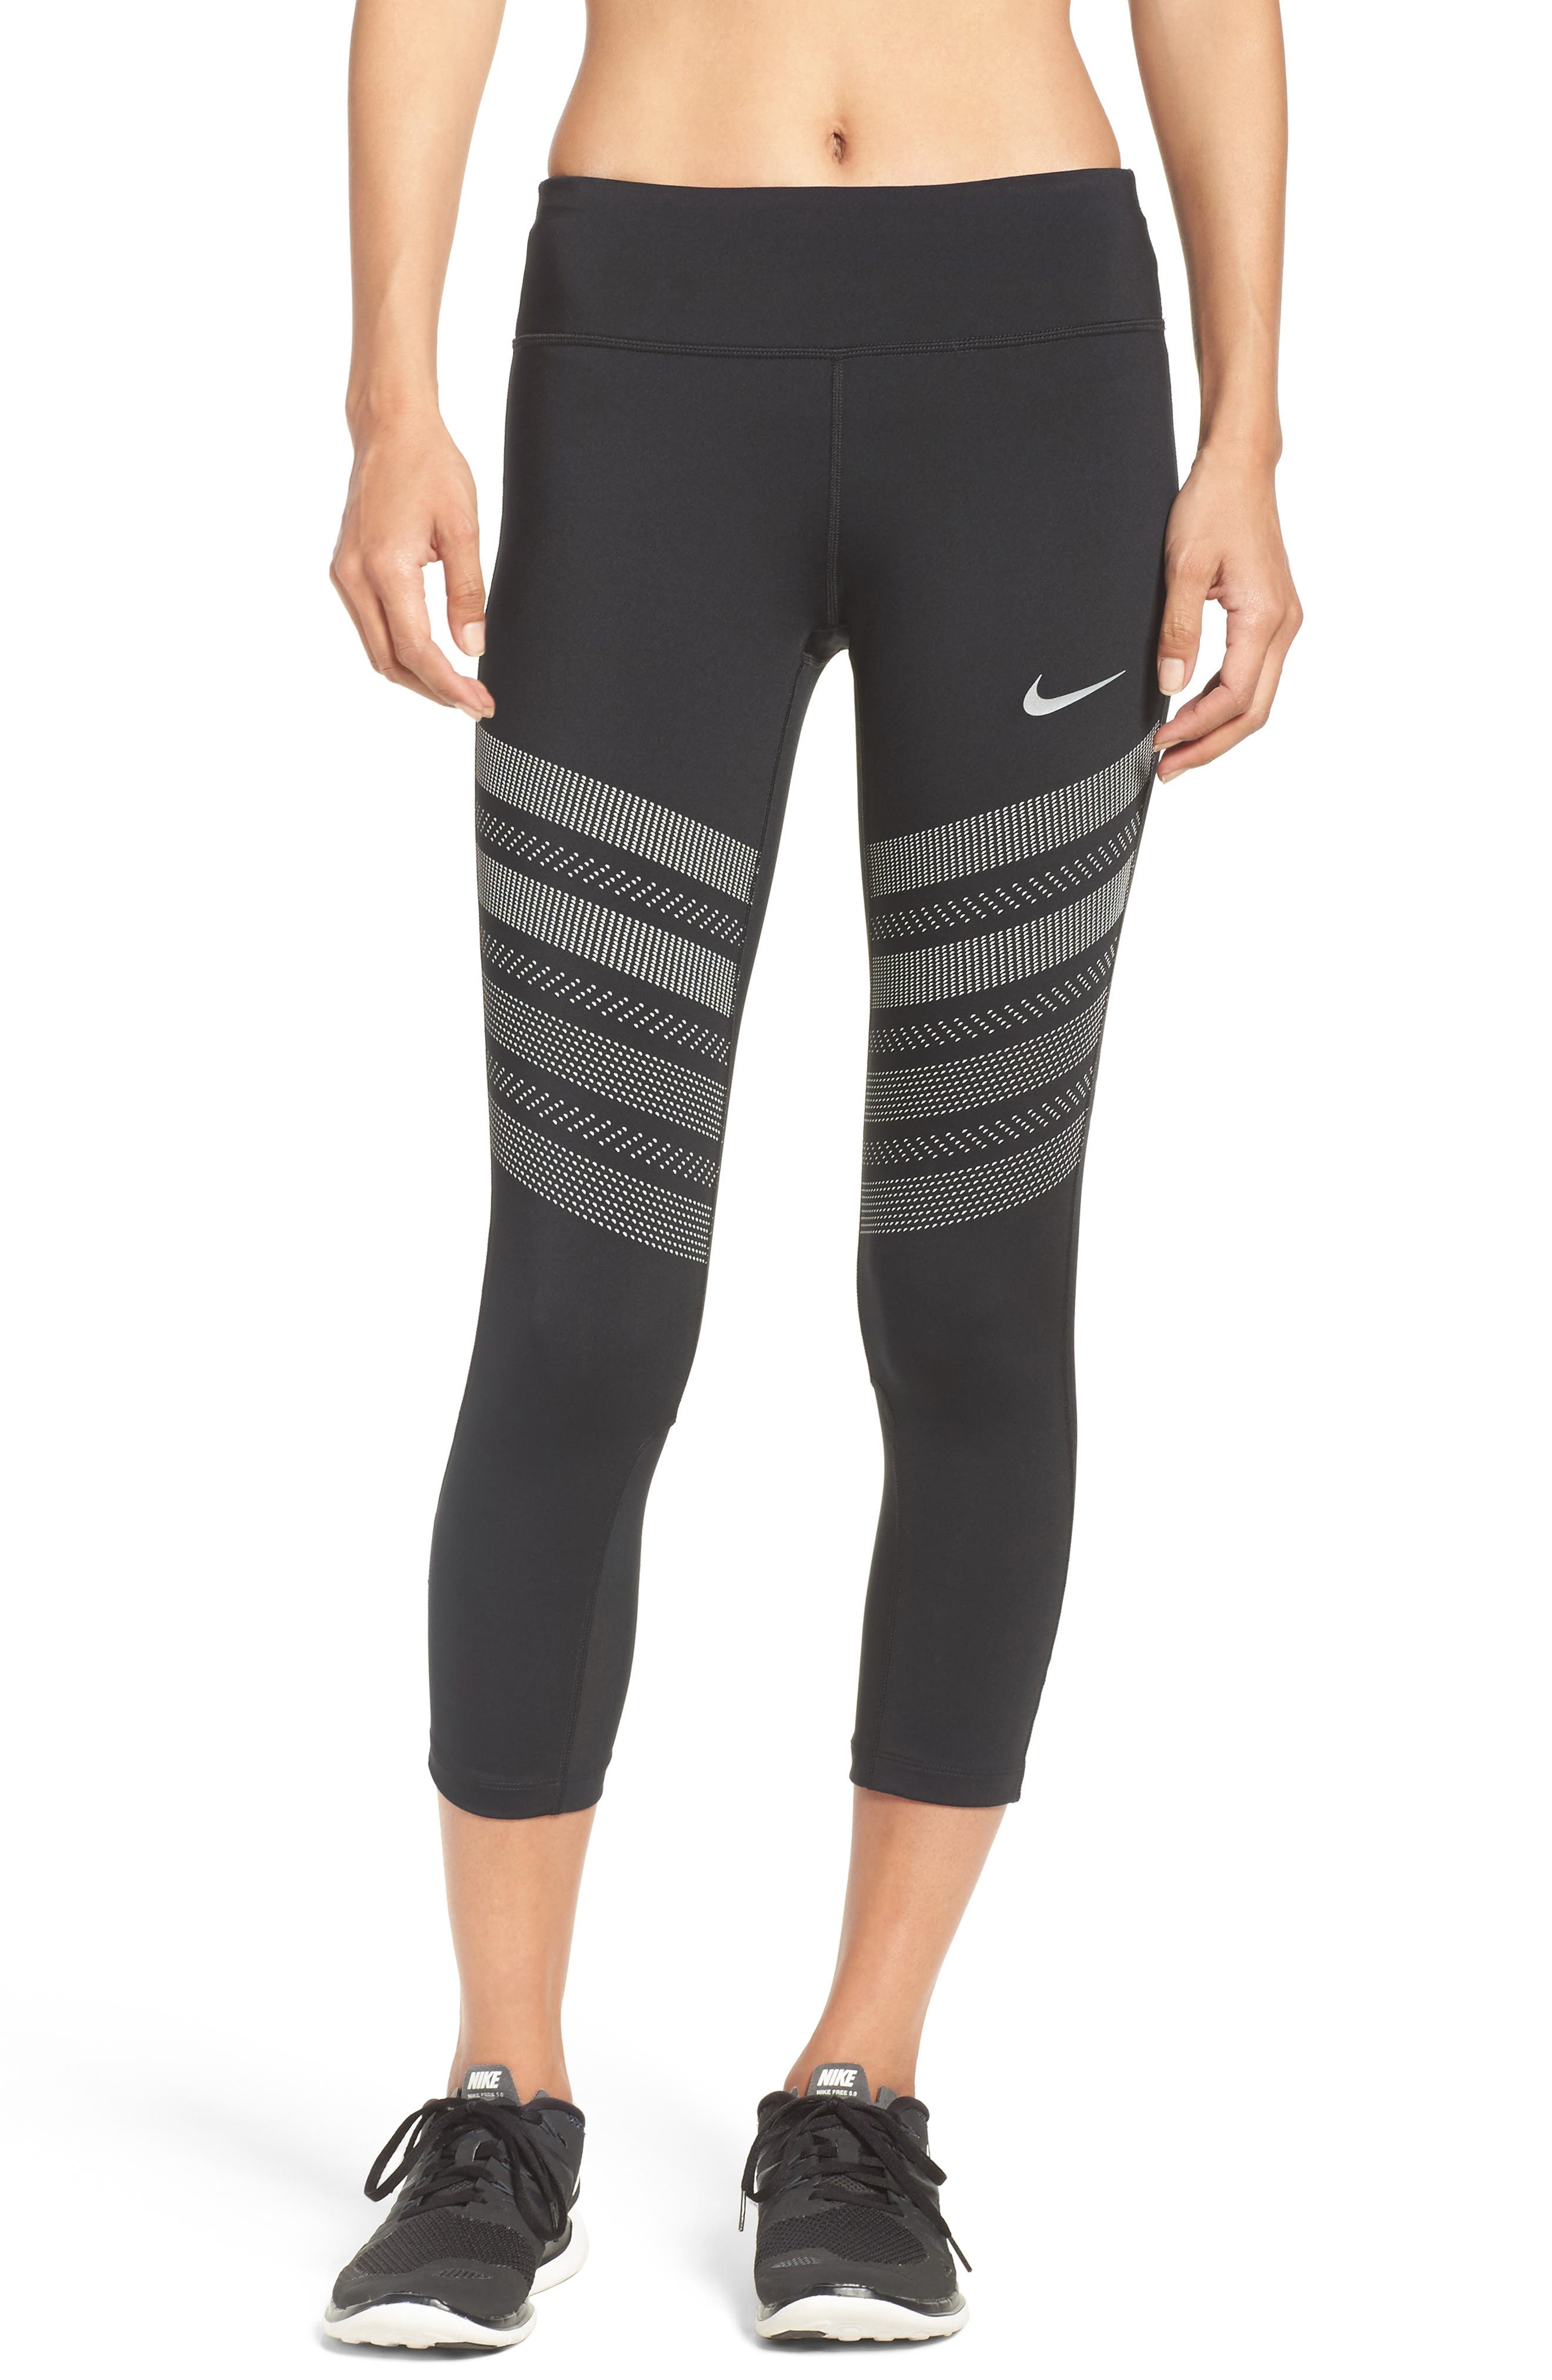 Nike Power Epic Running Crop Leggings